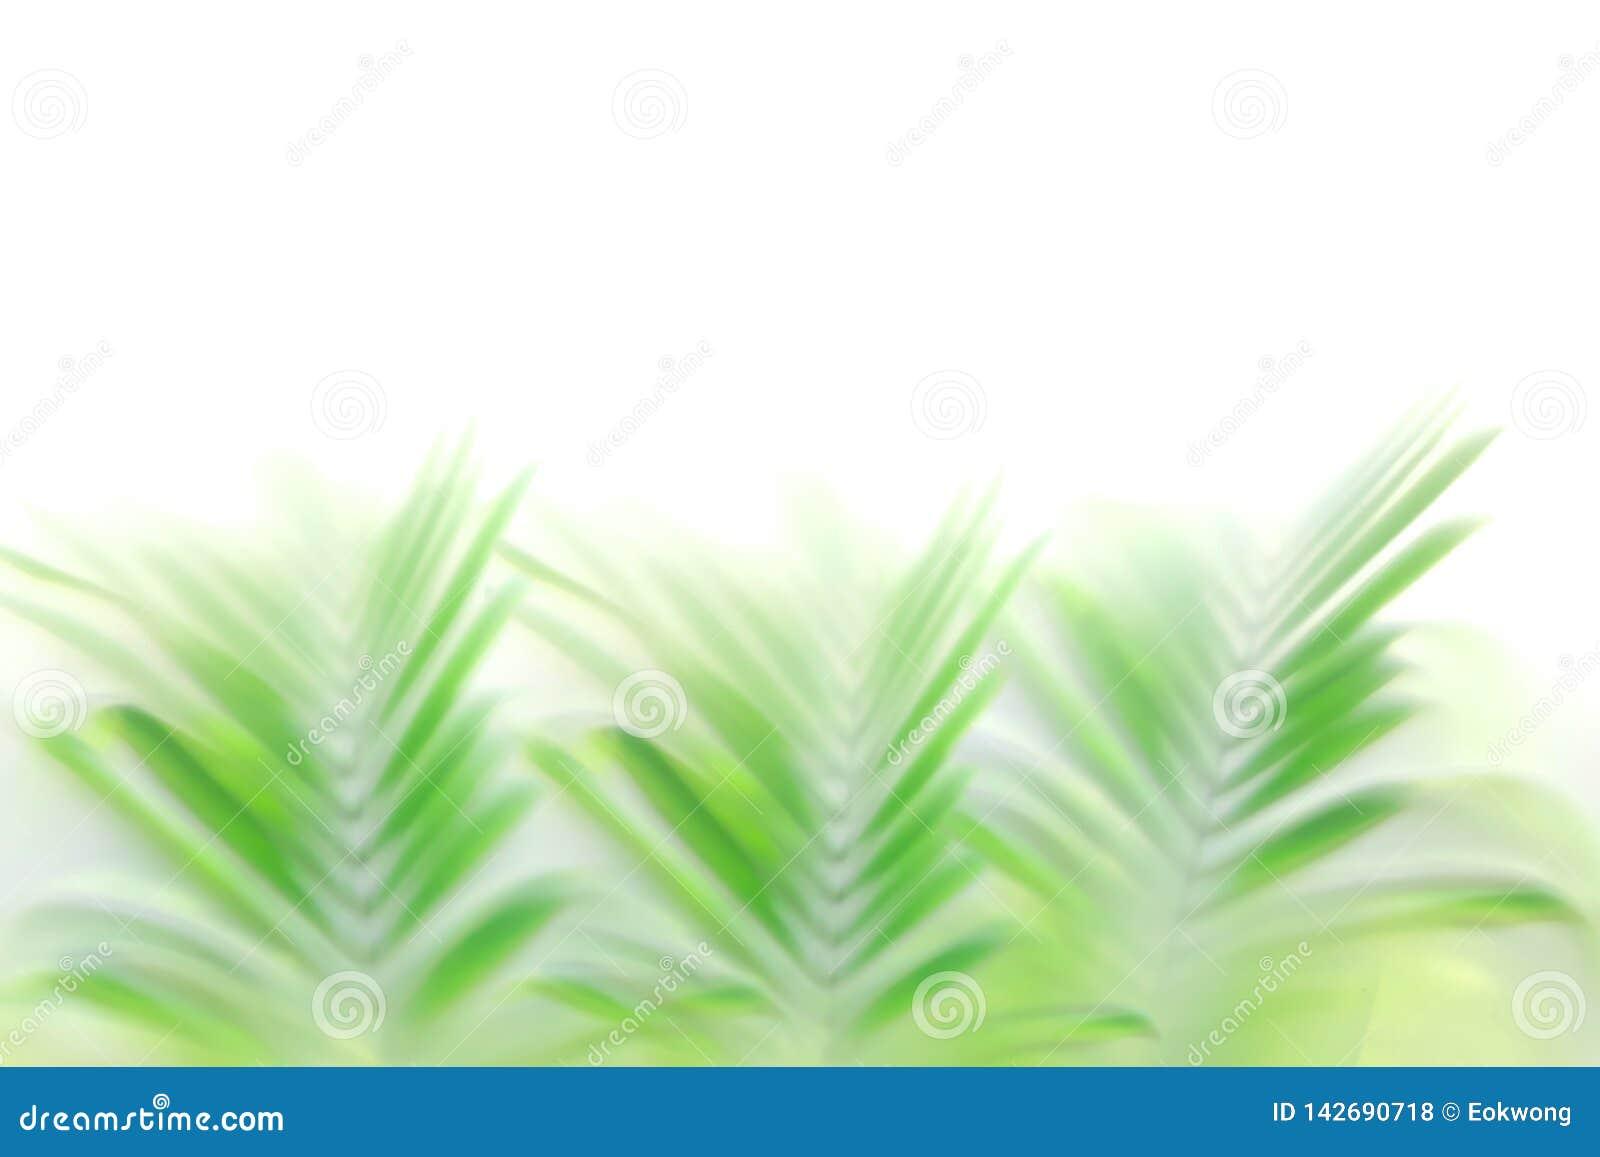 Fundo verde borrado do efeito do bokeh das folhas de palmeira, contexto tropical bonito da natureza